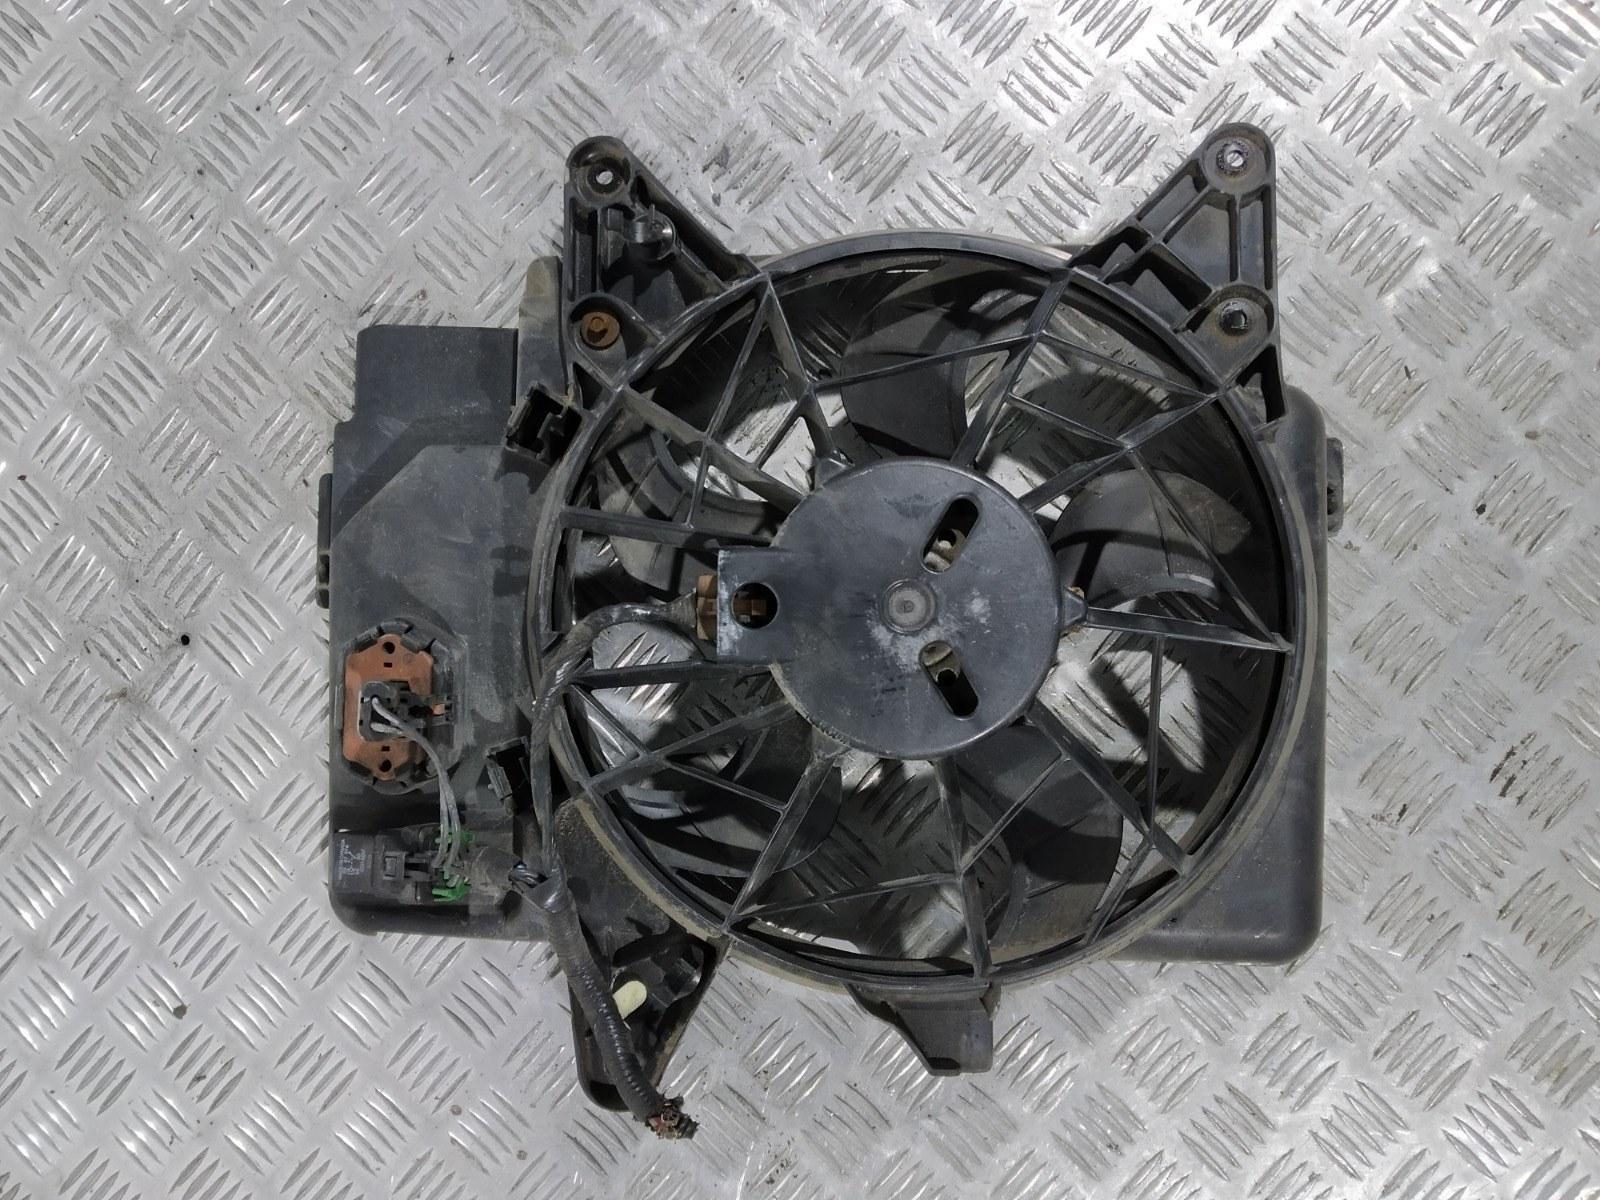 Вентилятор радиатора Mazda Tribute 3.0 I 2004 (б/у)